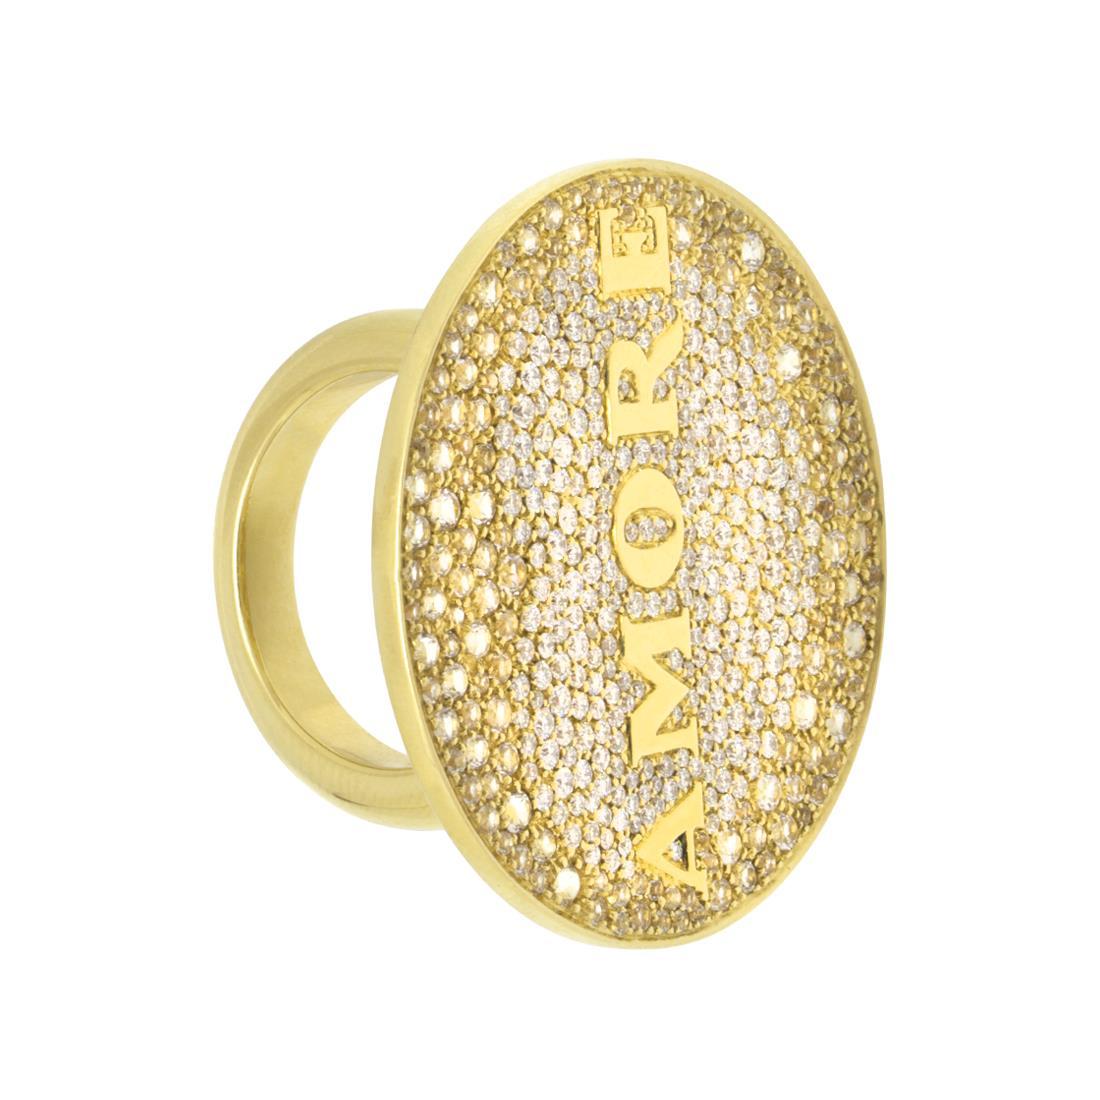 Anelloin oro giallo con medaglia amore - PASQUALE BRUNI